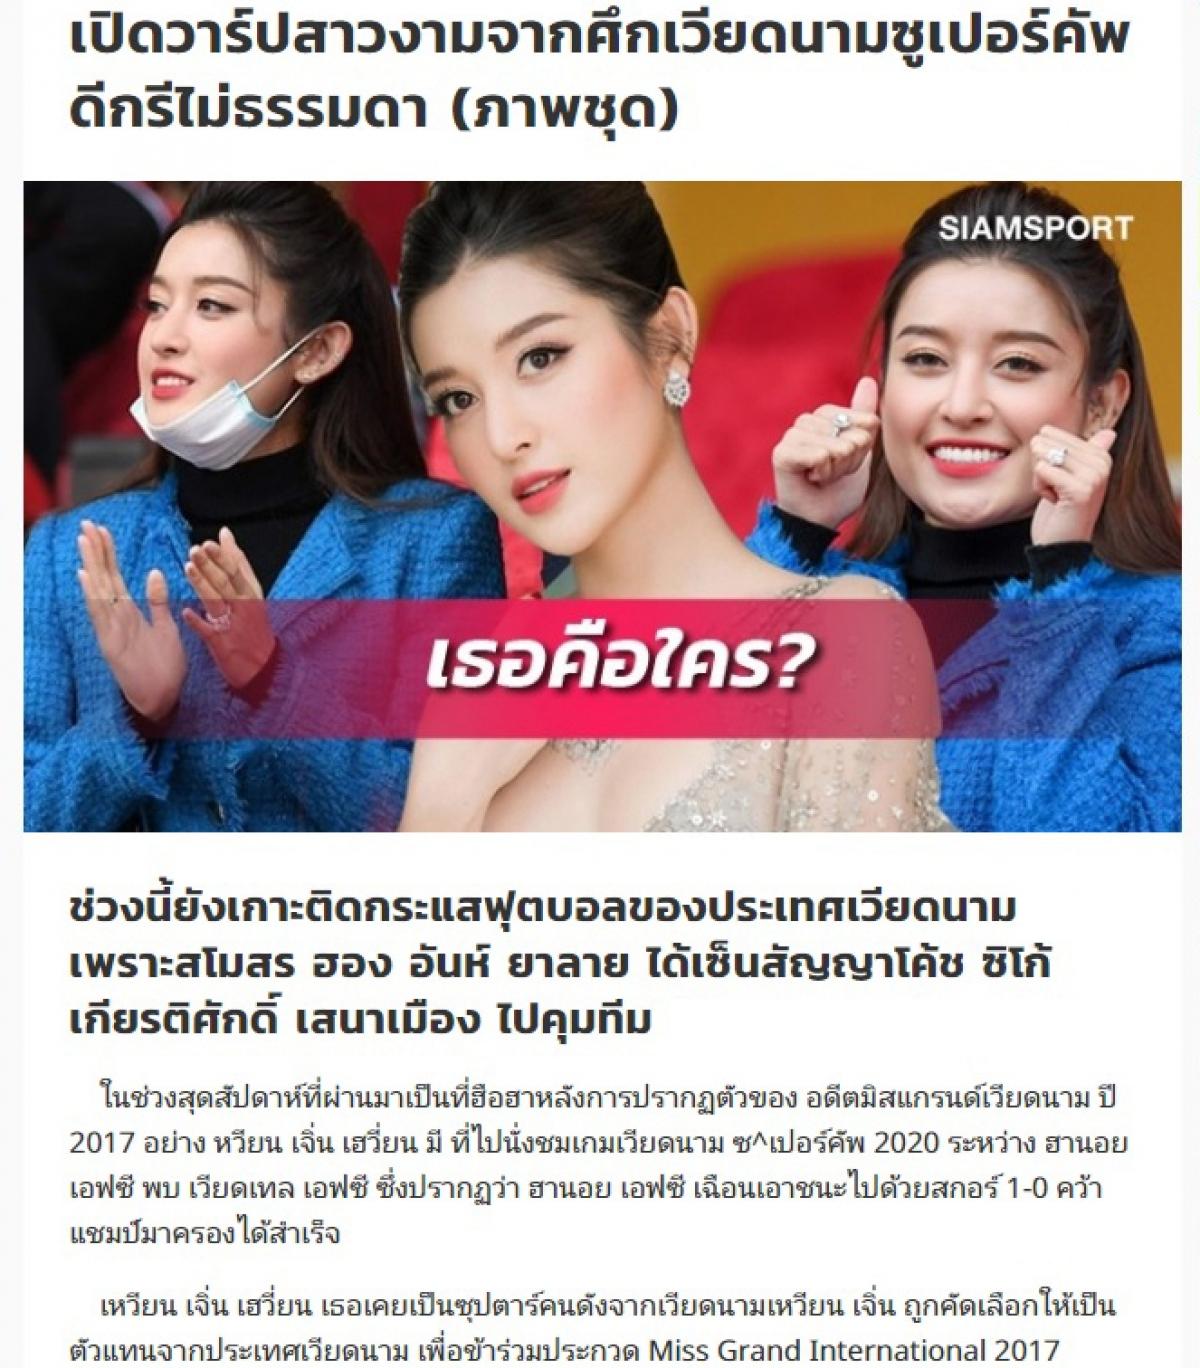 Huyền My xuất hiện trên tờ báo điện tử Siamsport của Thái Lan.